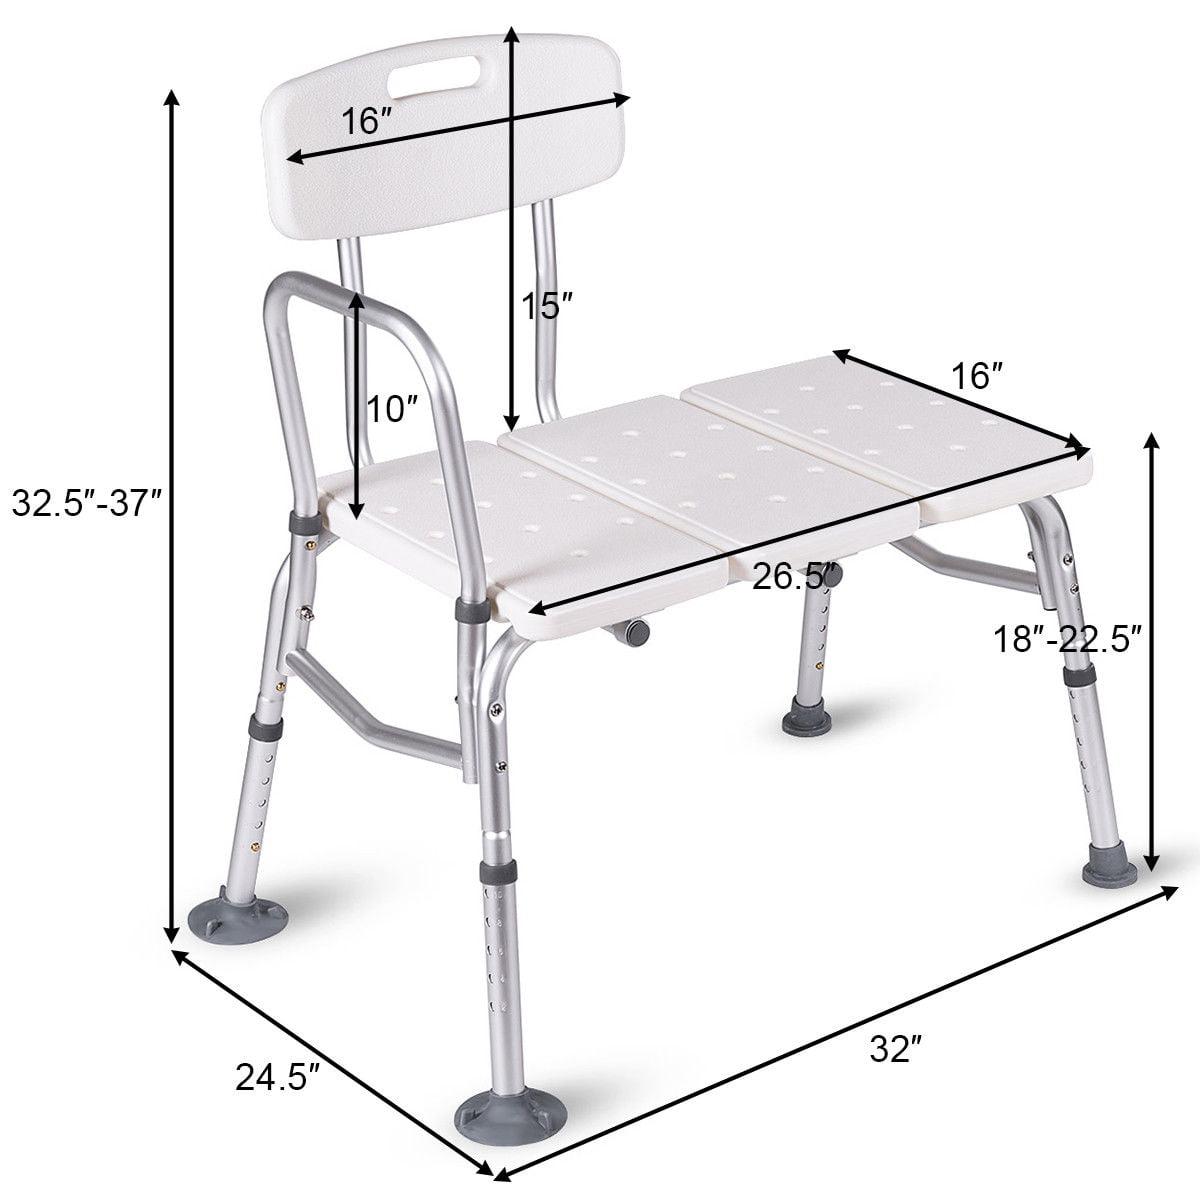 Shower Bath Seat Medical Adjustable Bath Tub Transfer